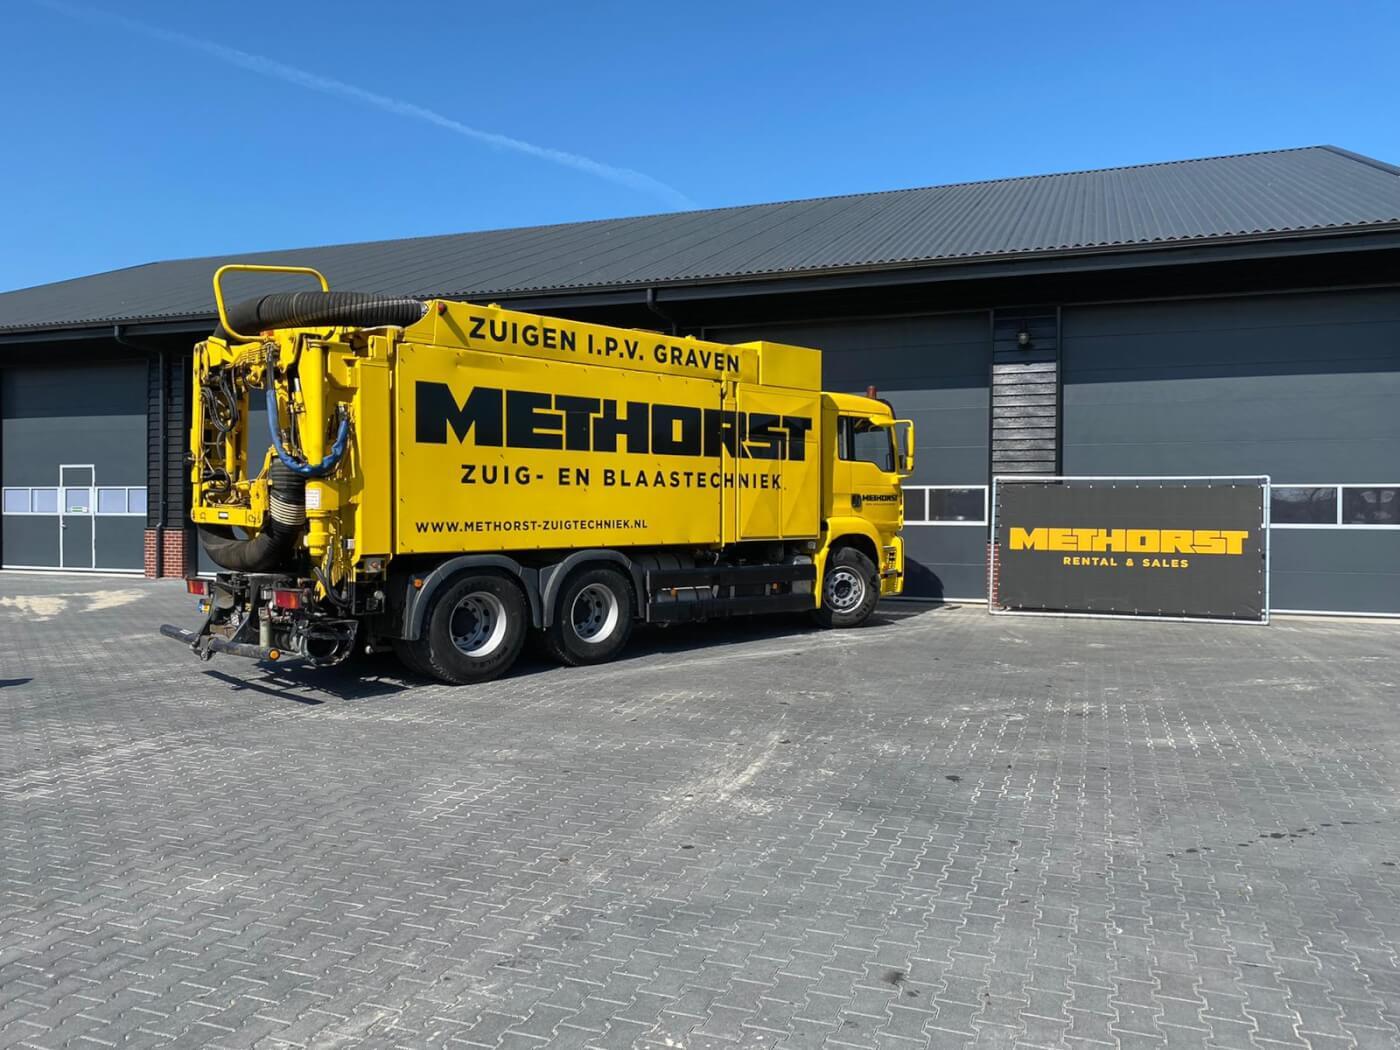 Zuigwagen huren Methorst Rental en Sales